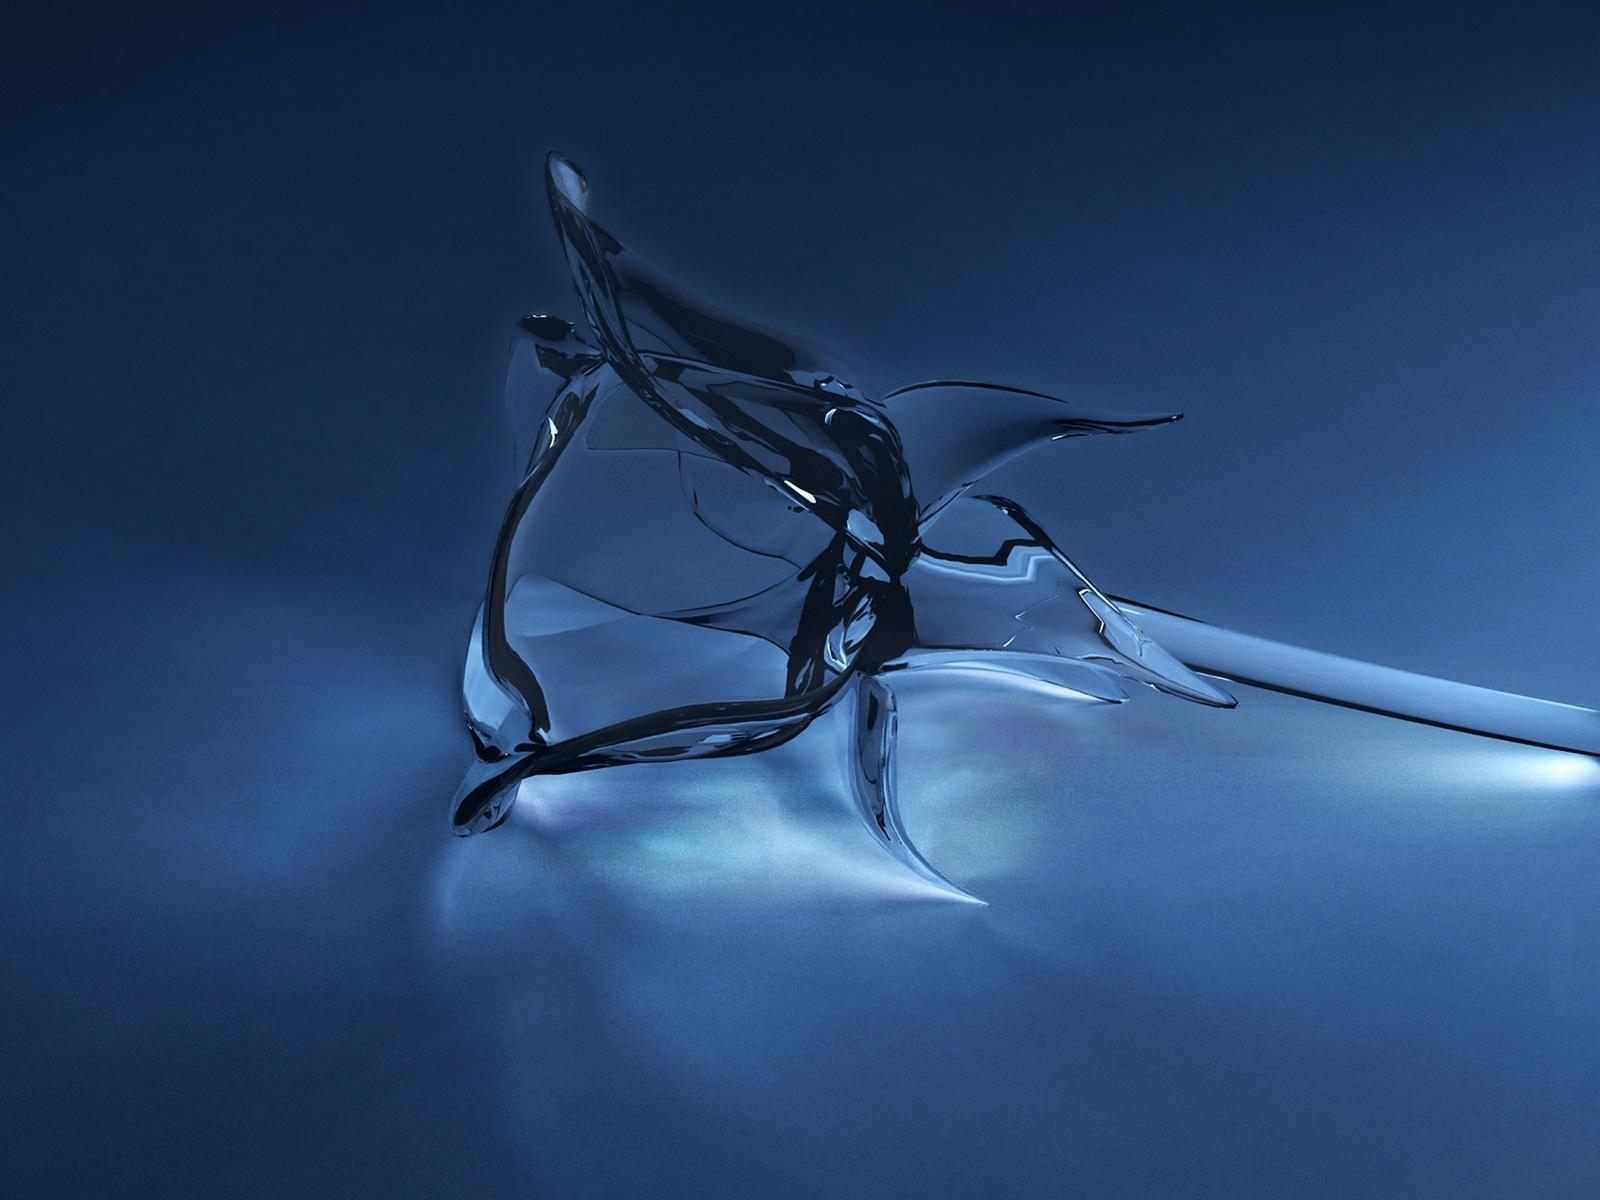 http://2.bp.blogspot.com/-InZgwSfP1VY/T8esI_TycUI/AAAAAAAAAFU/yWUQuFrjuBw/s1600/glass-rose-3d-concept-wallpaper.jpg